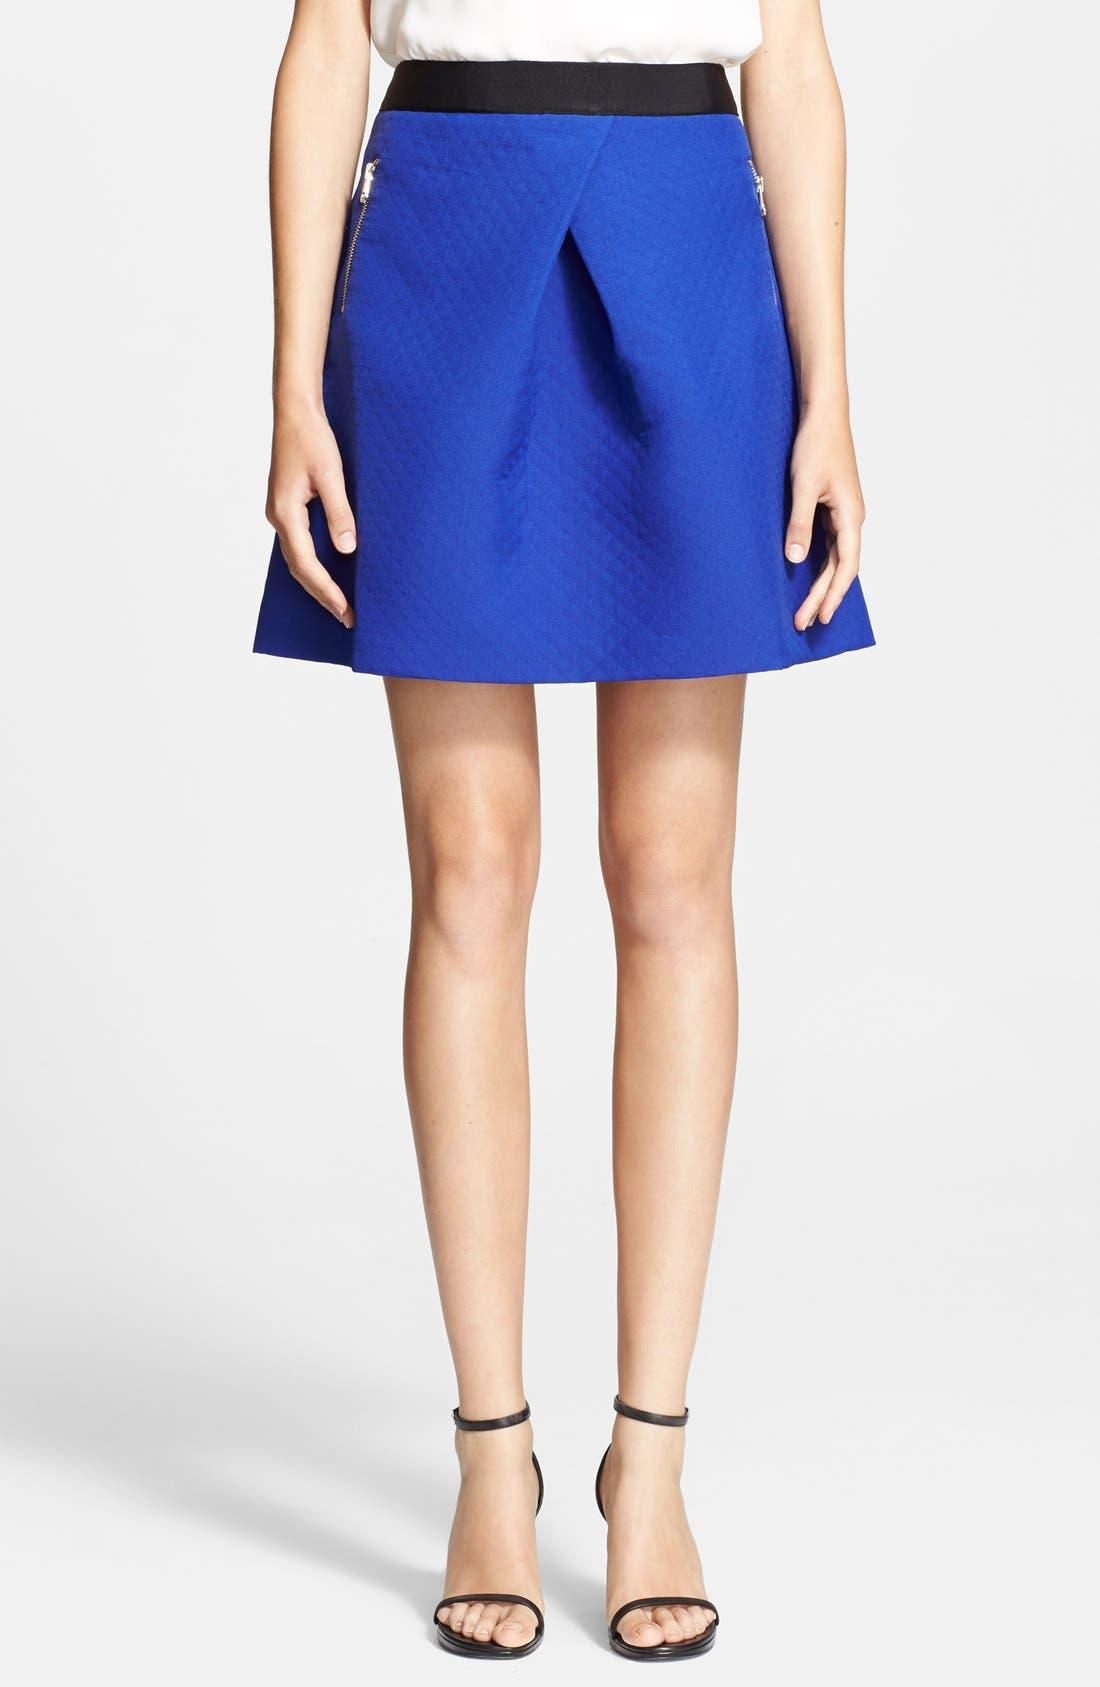 Alternate Image 1 Selected - Ted Baker London Zip Pocket Skater Skirt